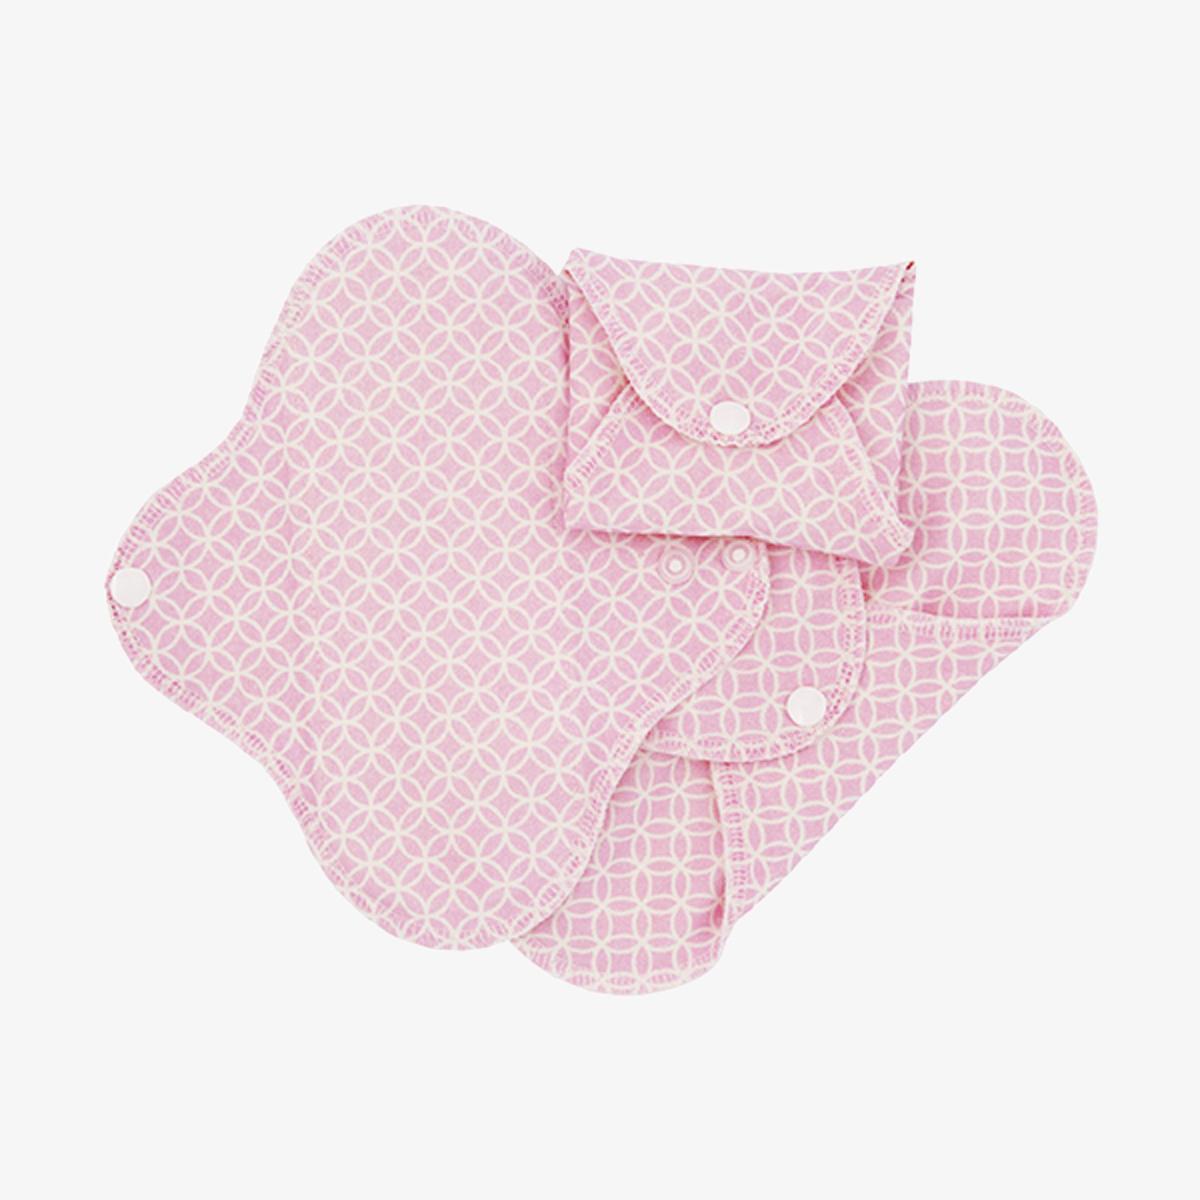 Imse Active ekologiskt trosskydd tvätt- och återanvändningsbart 3-pack pink halo